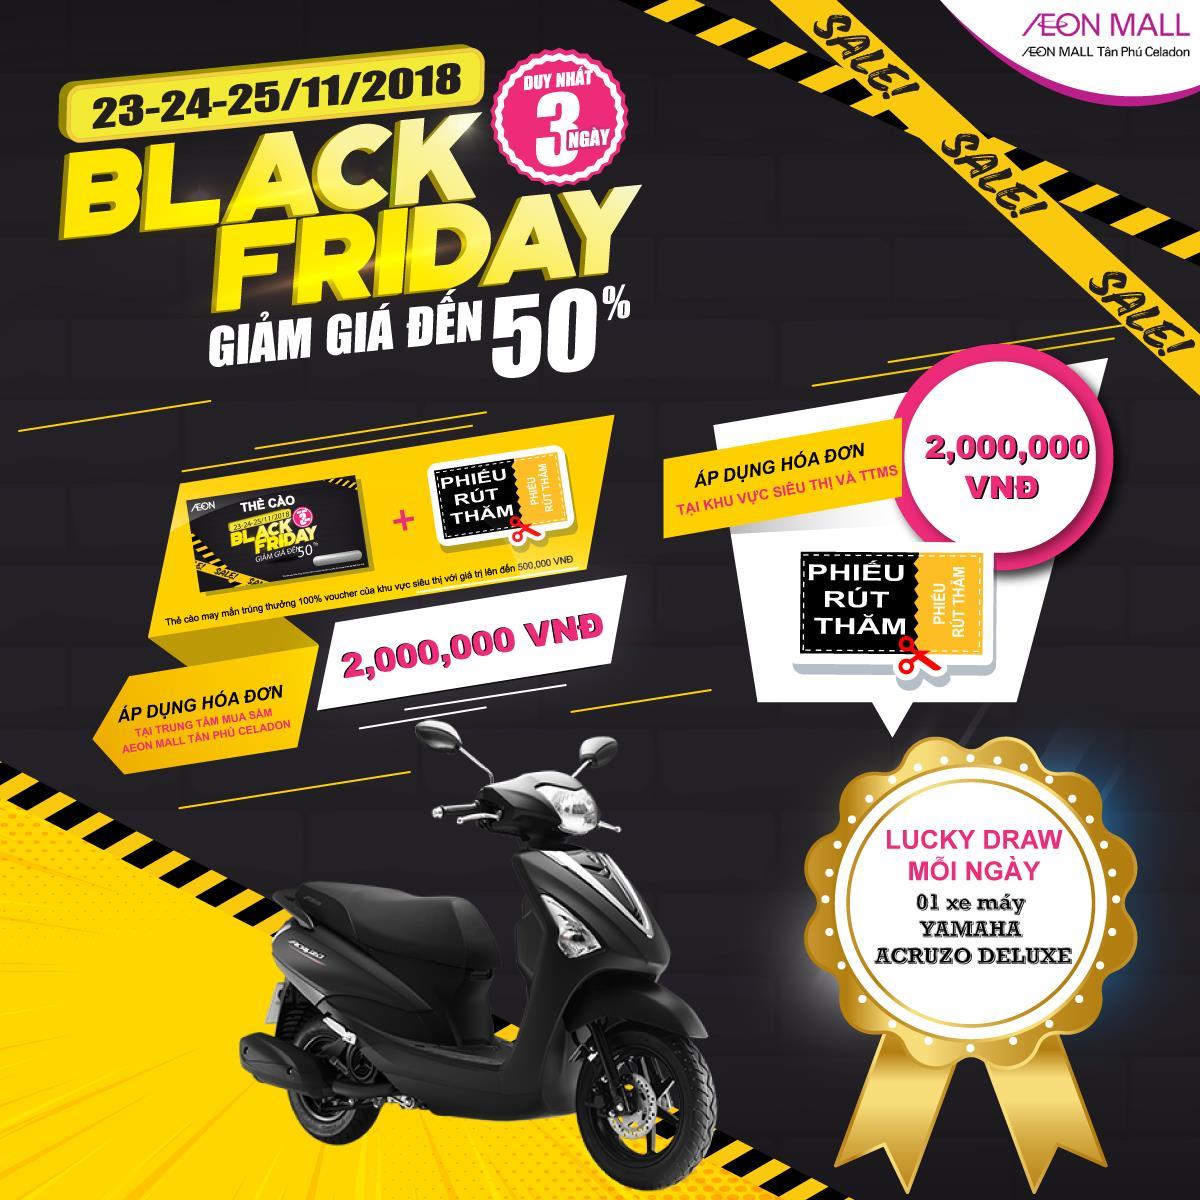 Lên kế hoạch đổ bộ AEON MALL Tân Phú mùa Black Friday 2018 - Ảnh 2.